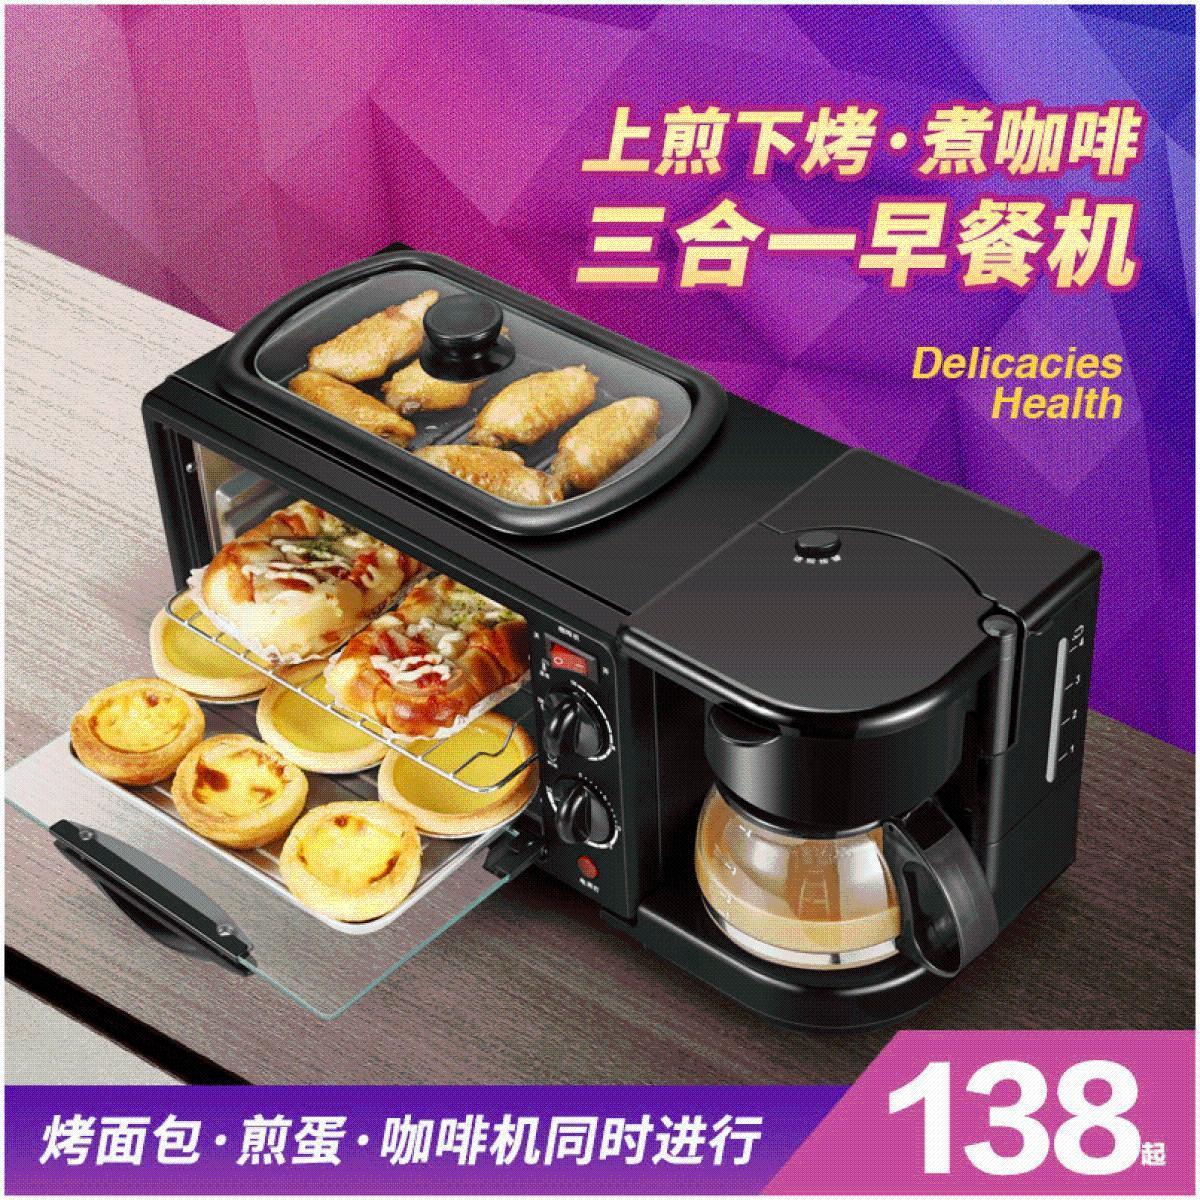 轻松早餐机烤面包煎蛋一体机多功能网红三合一三明治火腿鸡蛋机